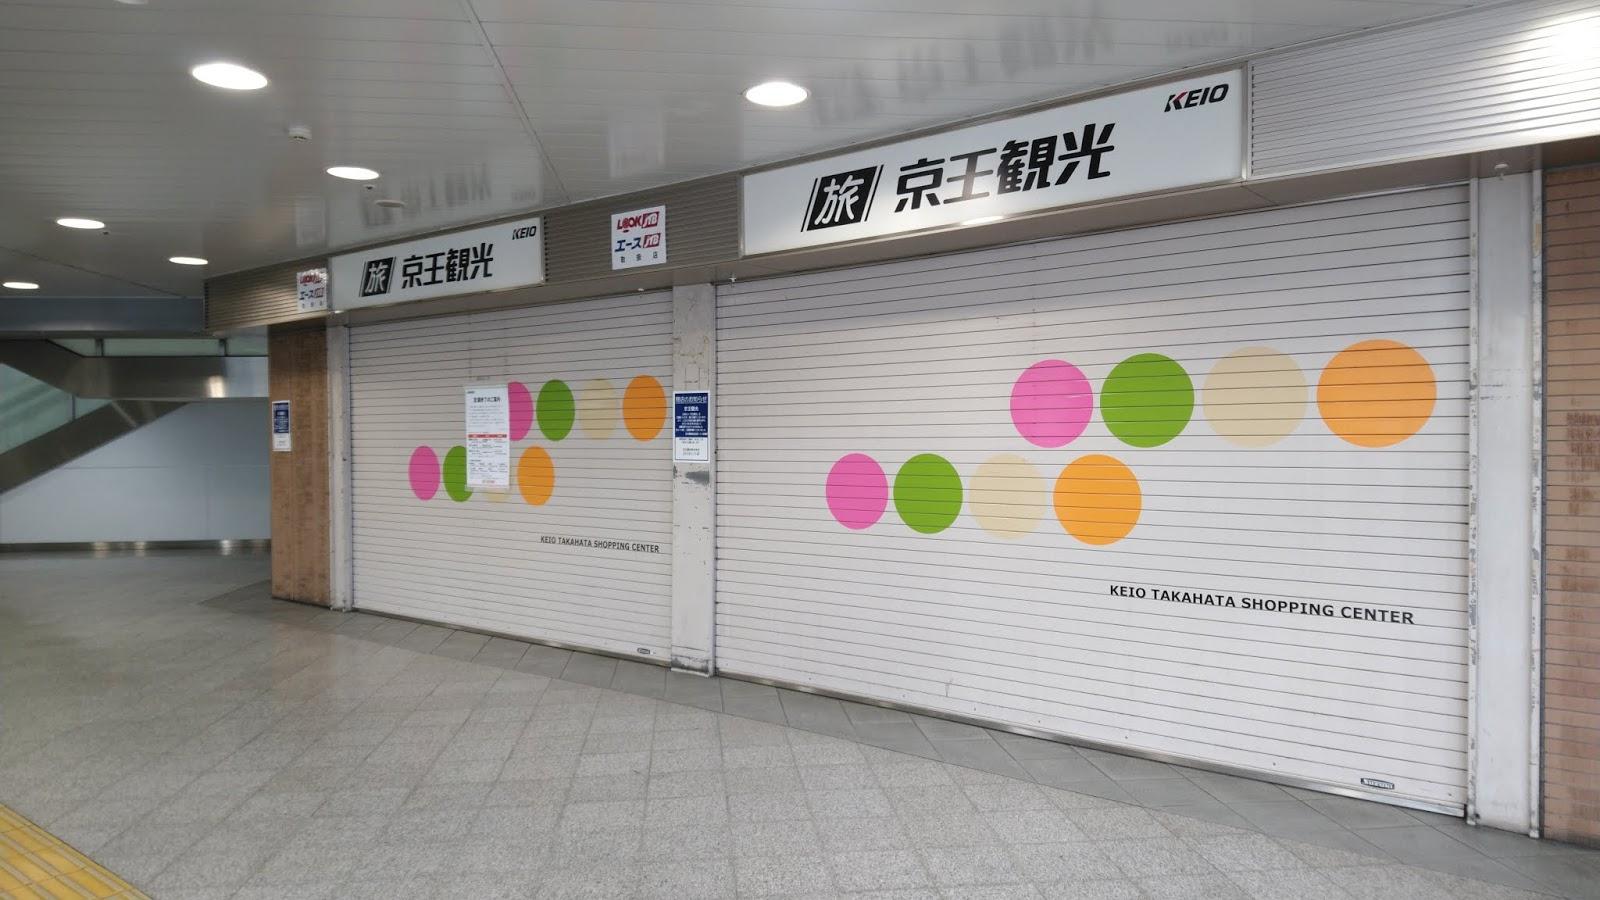 チラシの裏: 京王観光高幡不動店が閉店